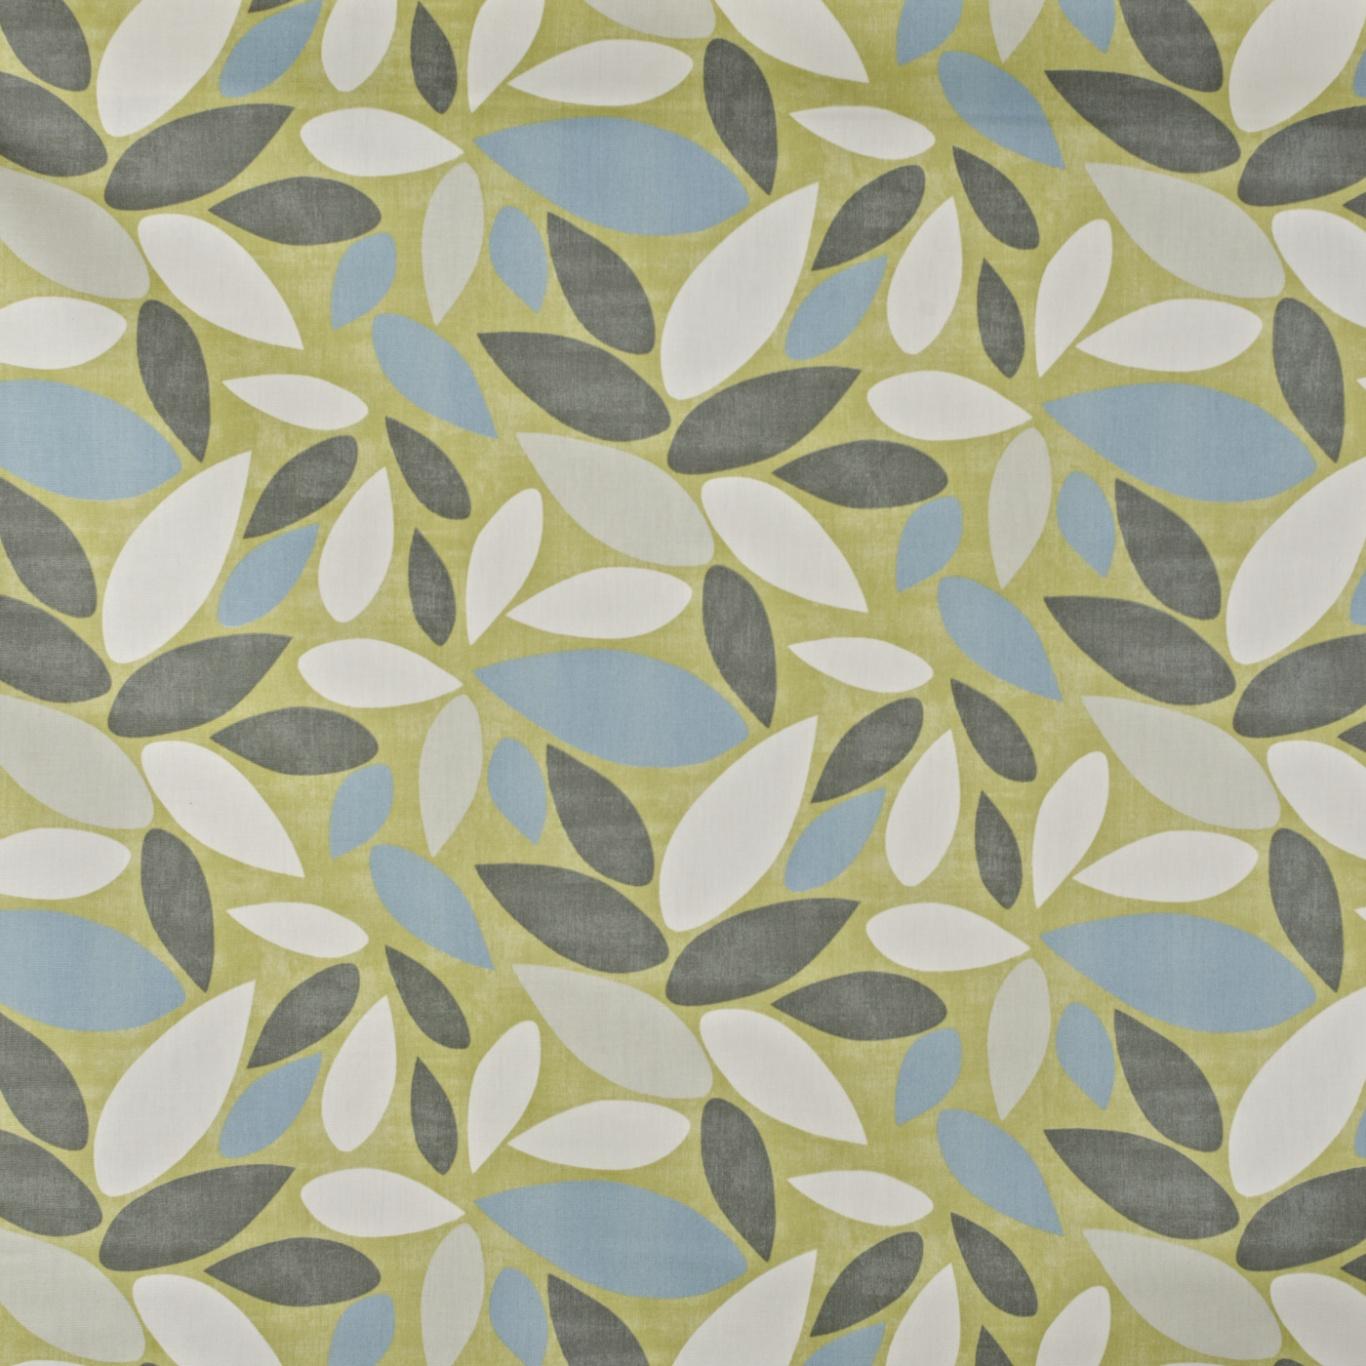 Image of Prestigious Pimlico Fennel Curtain Fabric